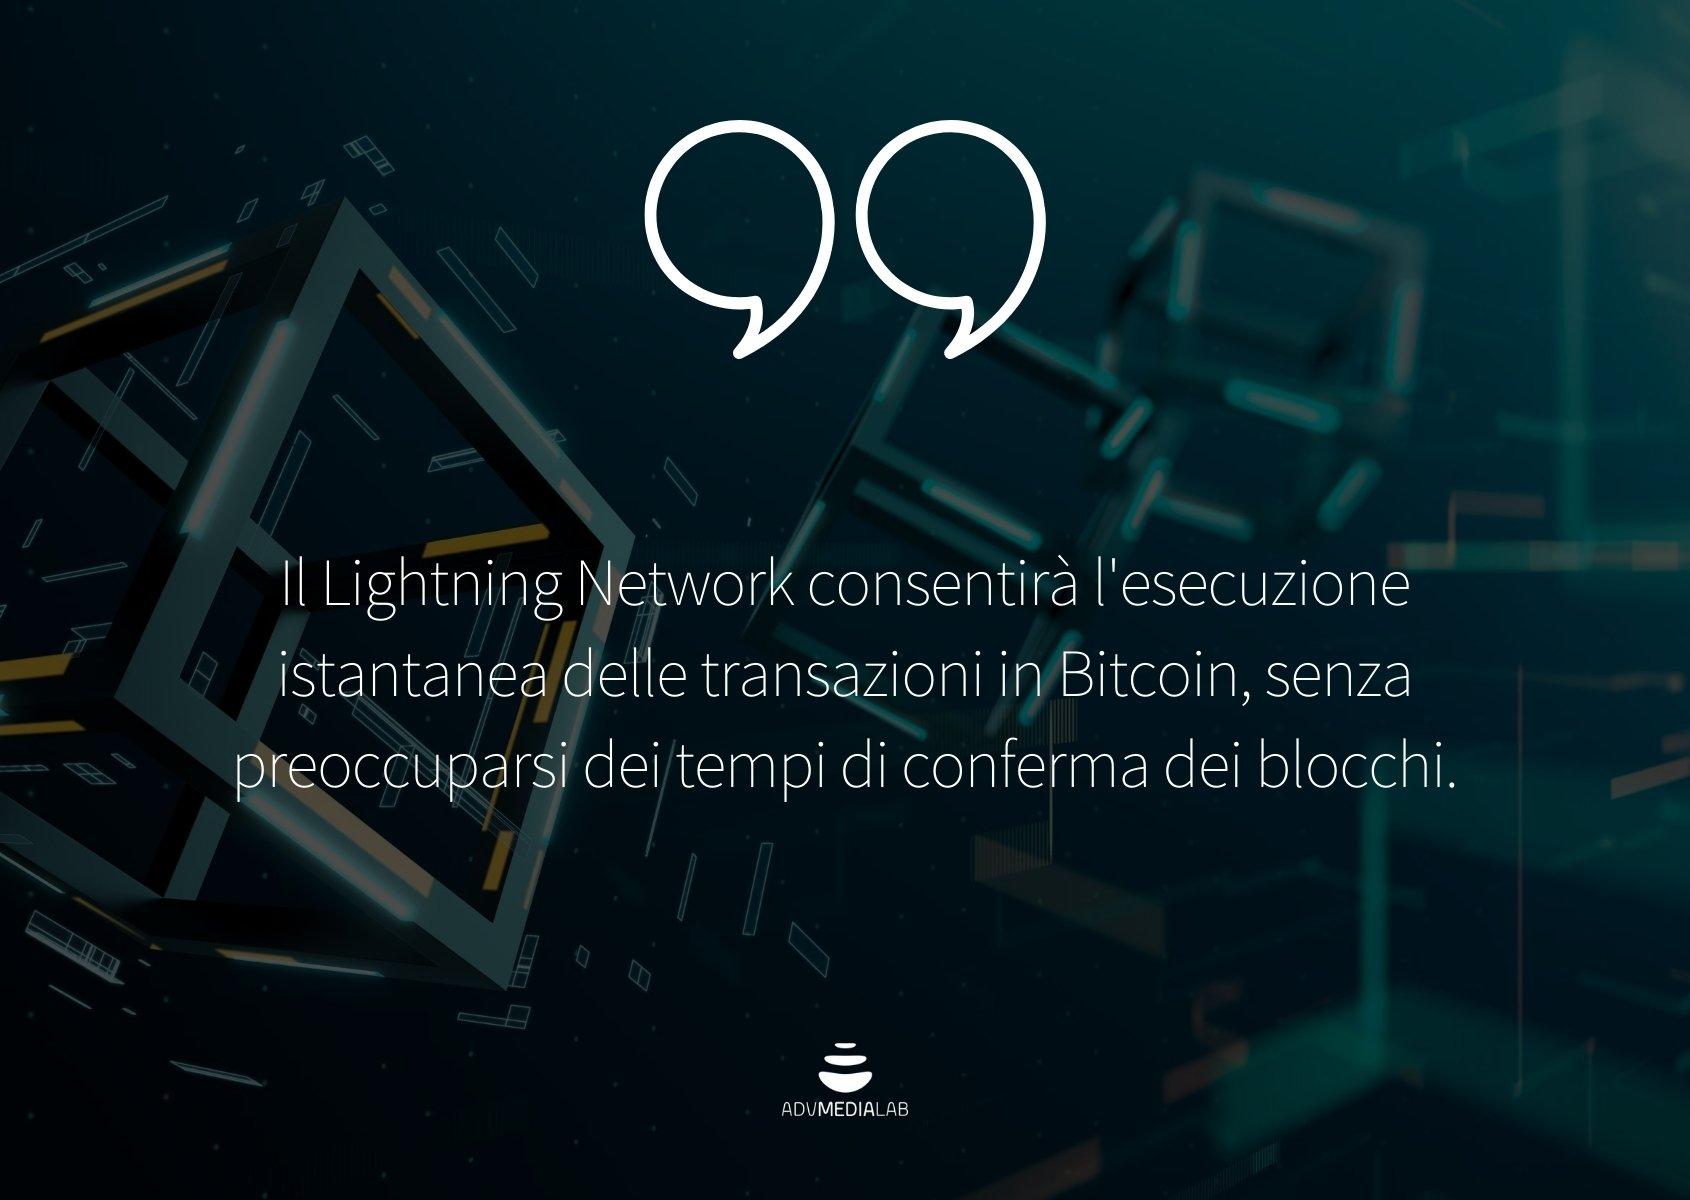 Dizionario-blockchain-quote7